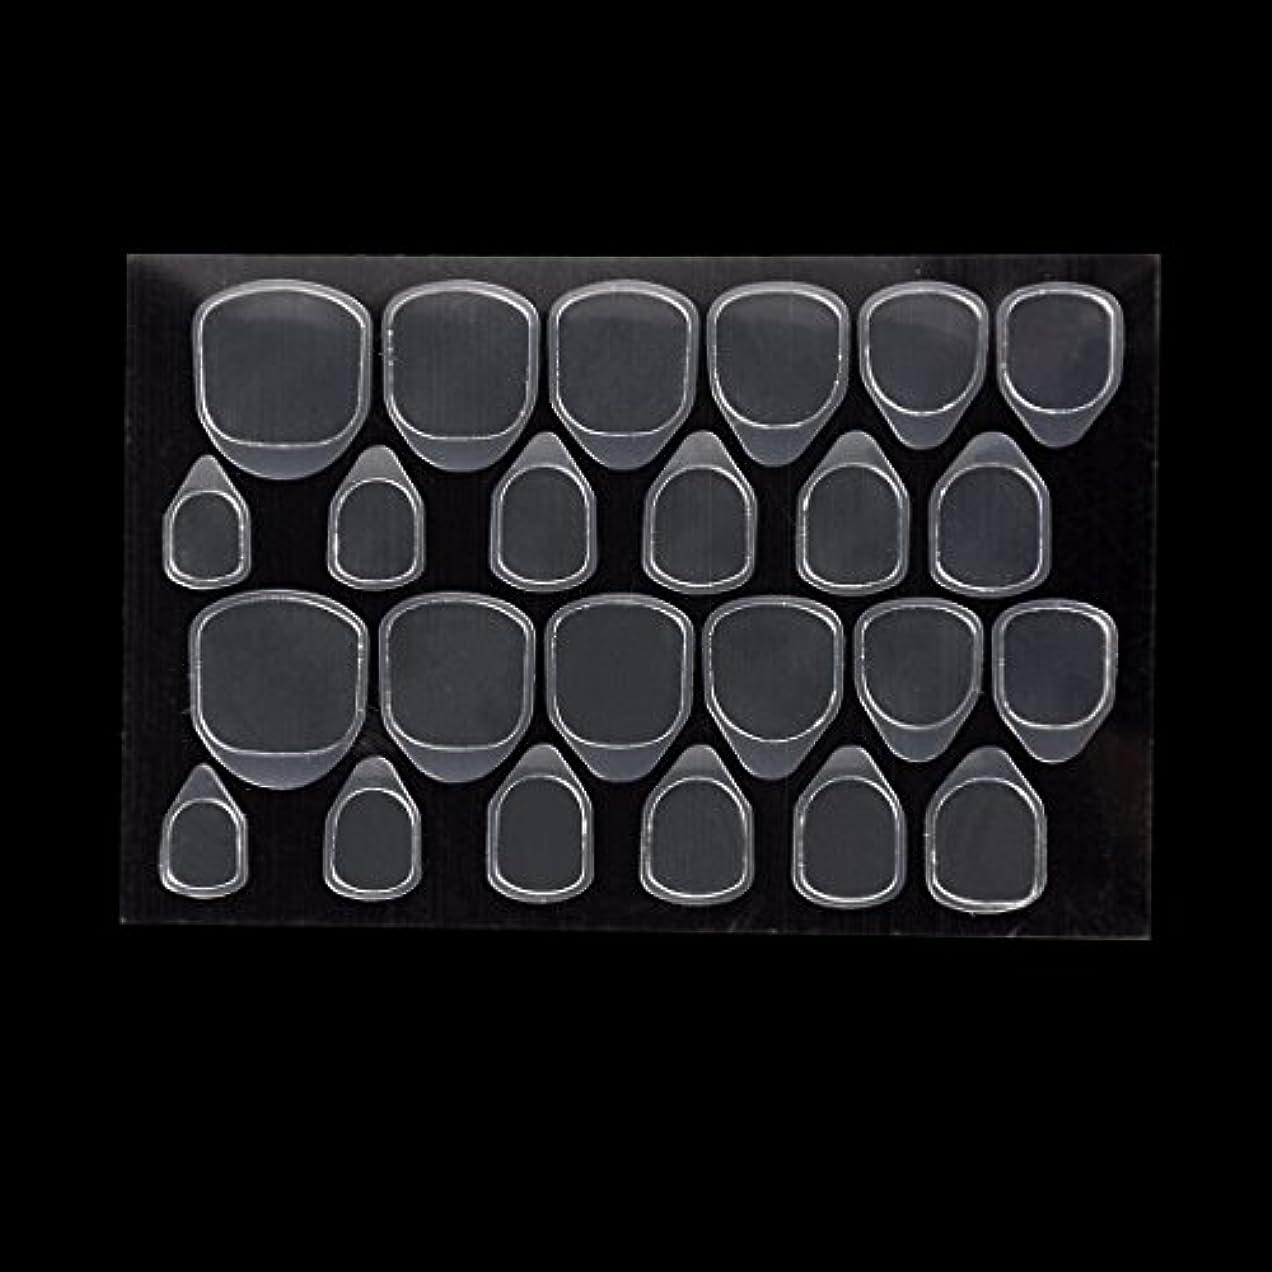 ボタン悪因子ドライBiutee つけ爪用 両面テープ ネイル 推奨超強力両面テープ ネイル両面接着剤 ネイルチップ用粘着グミ 10枚セット